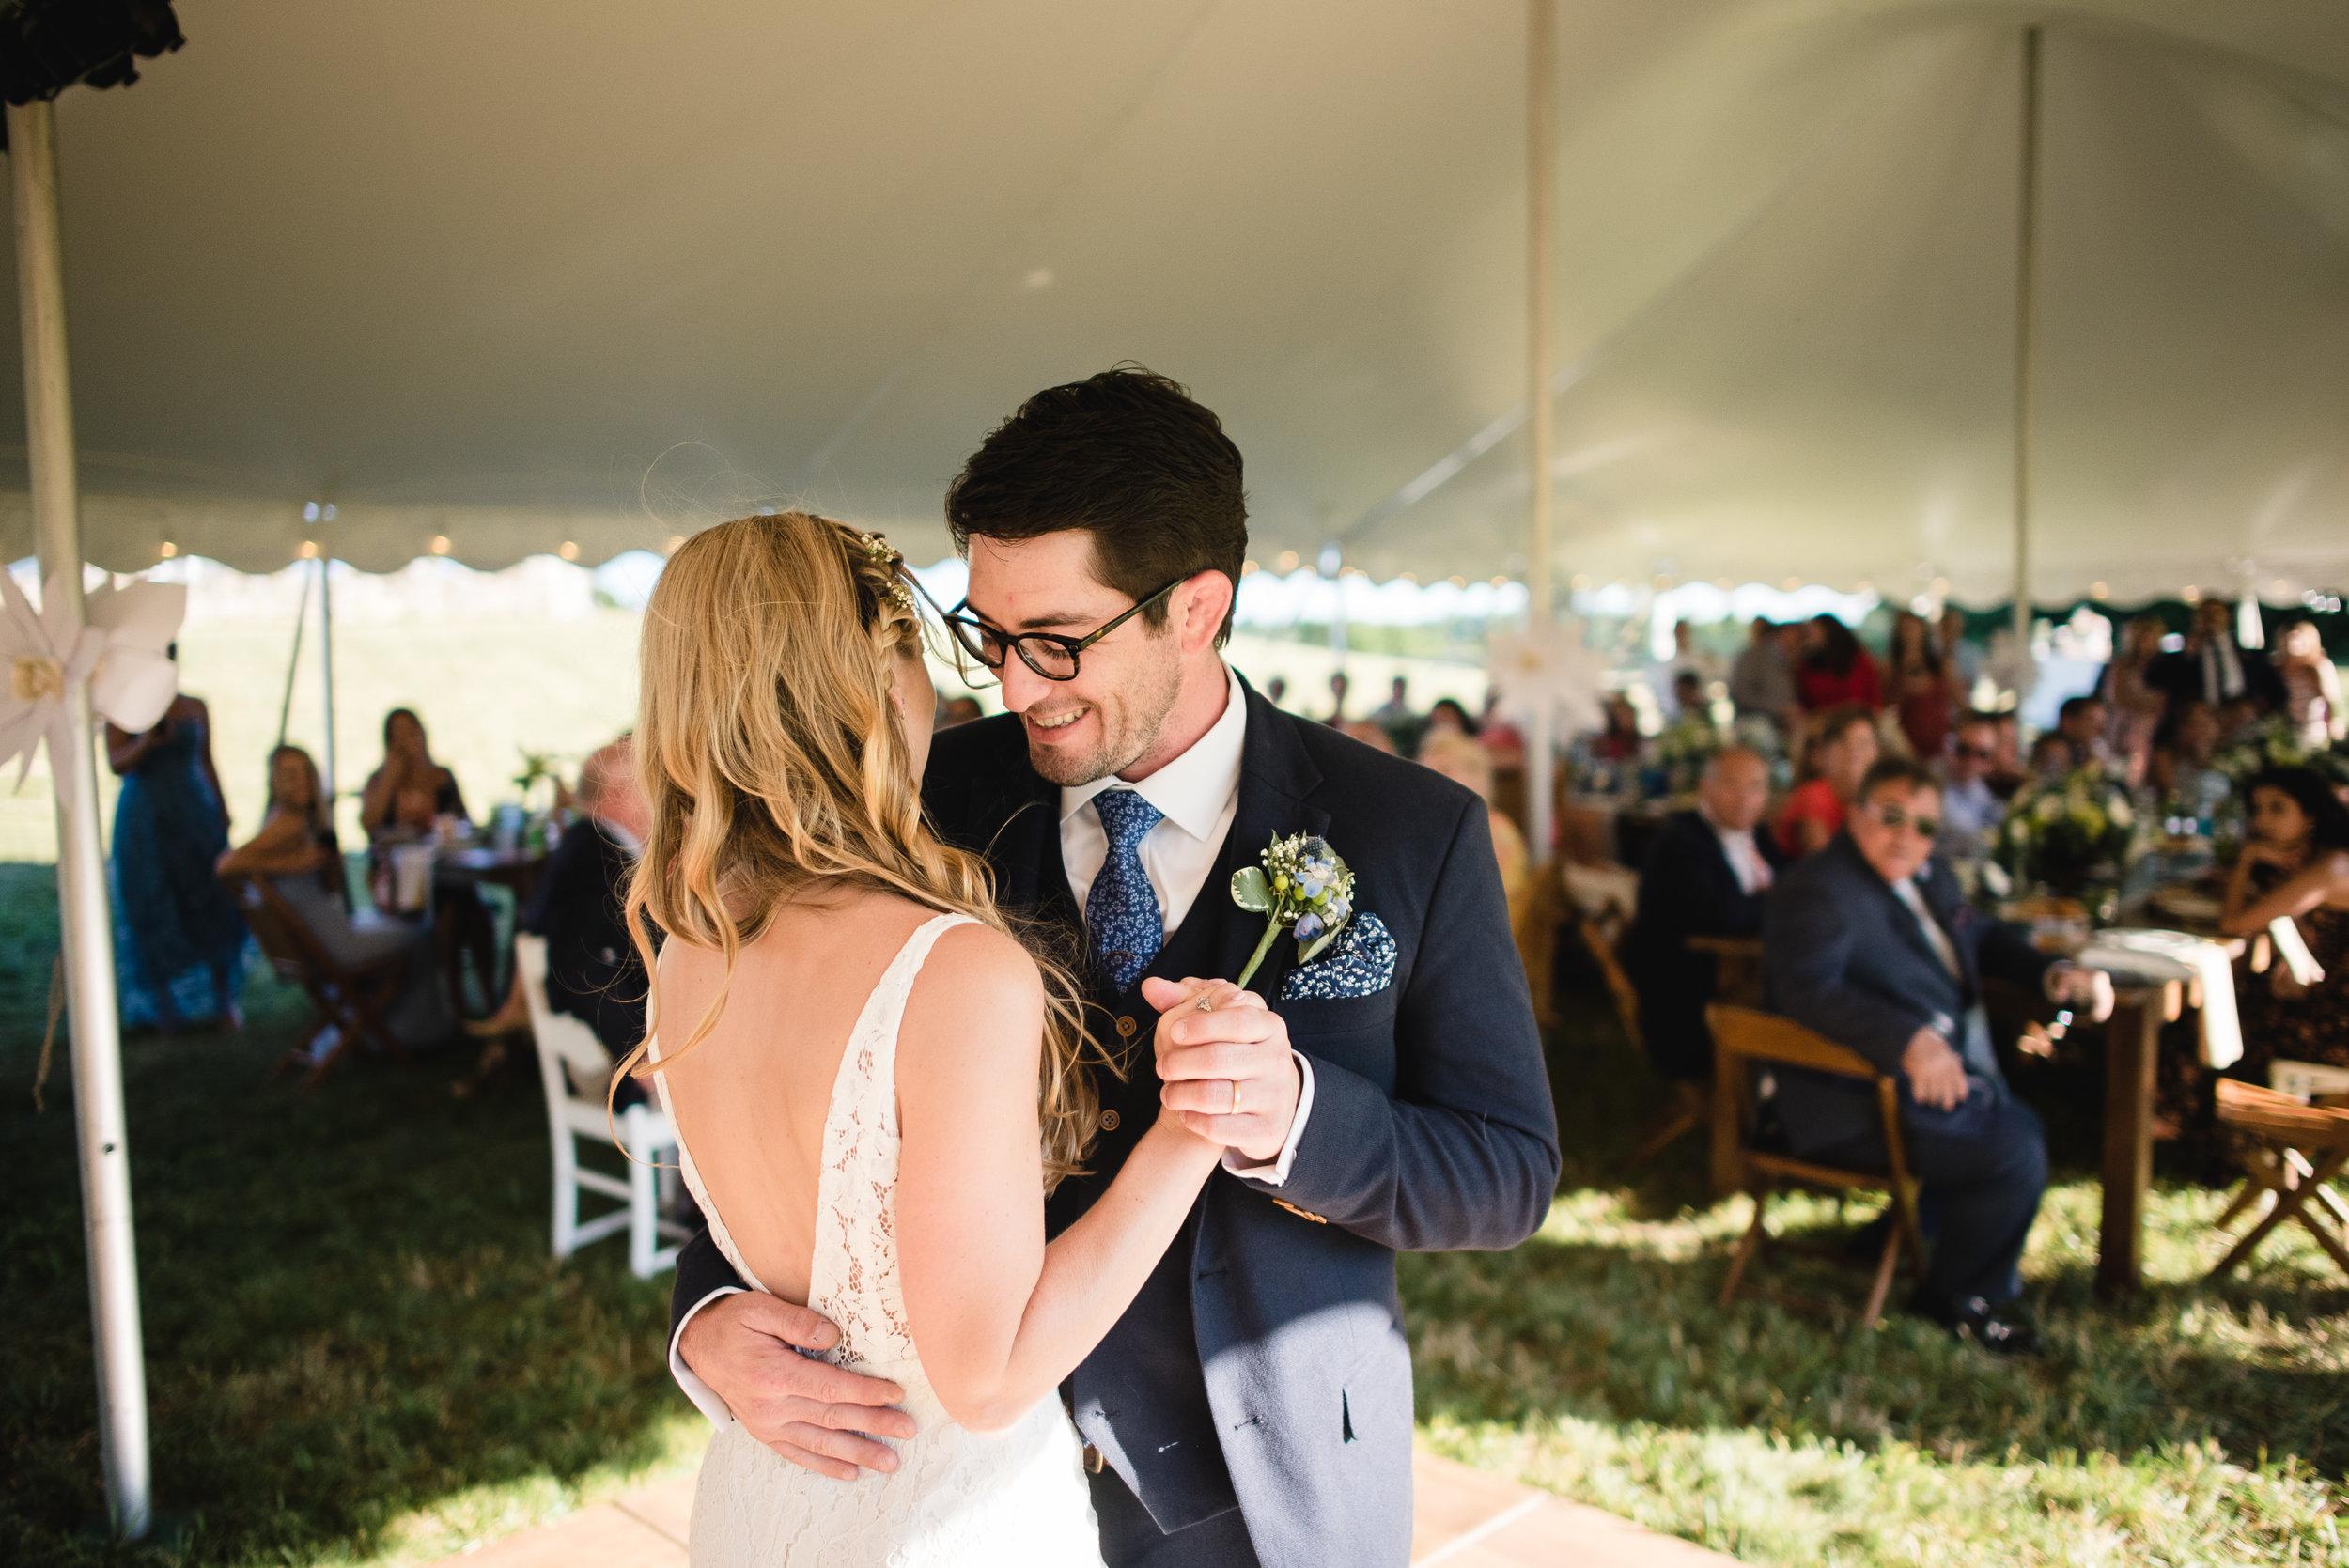 LINDSAY_WEDDING_BORN_TO_RUN_FARM_3225.jpg